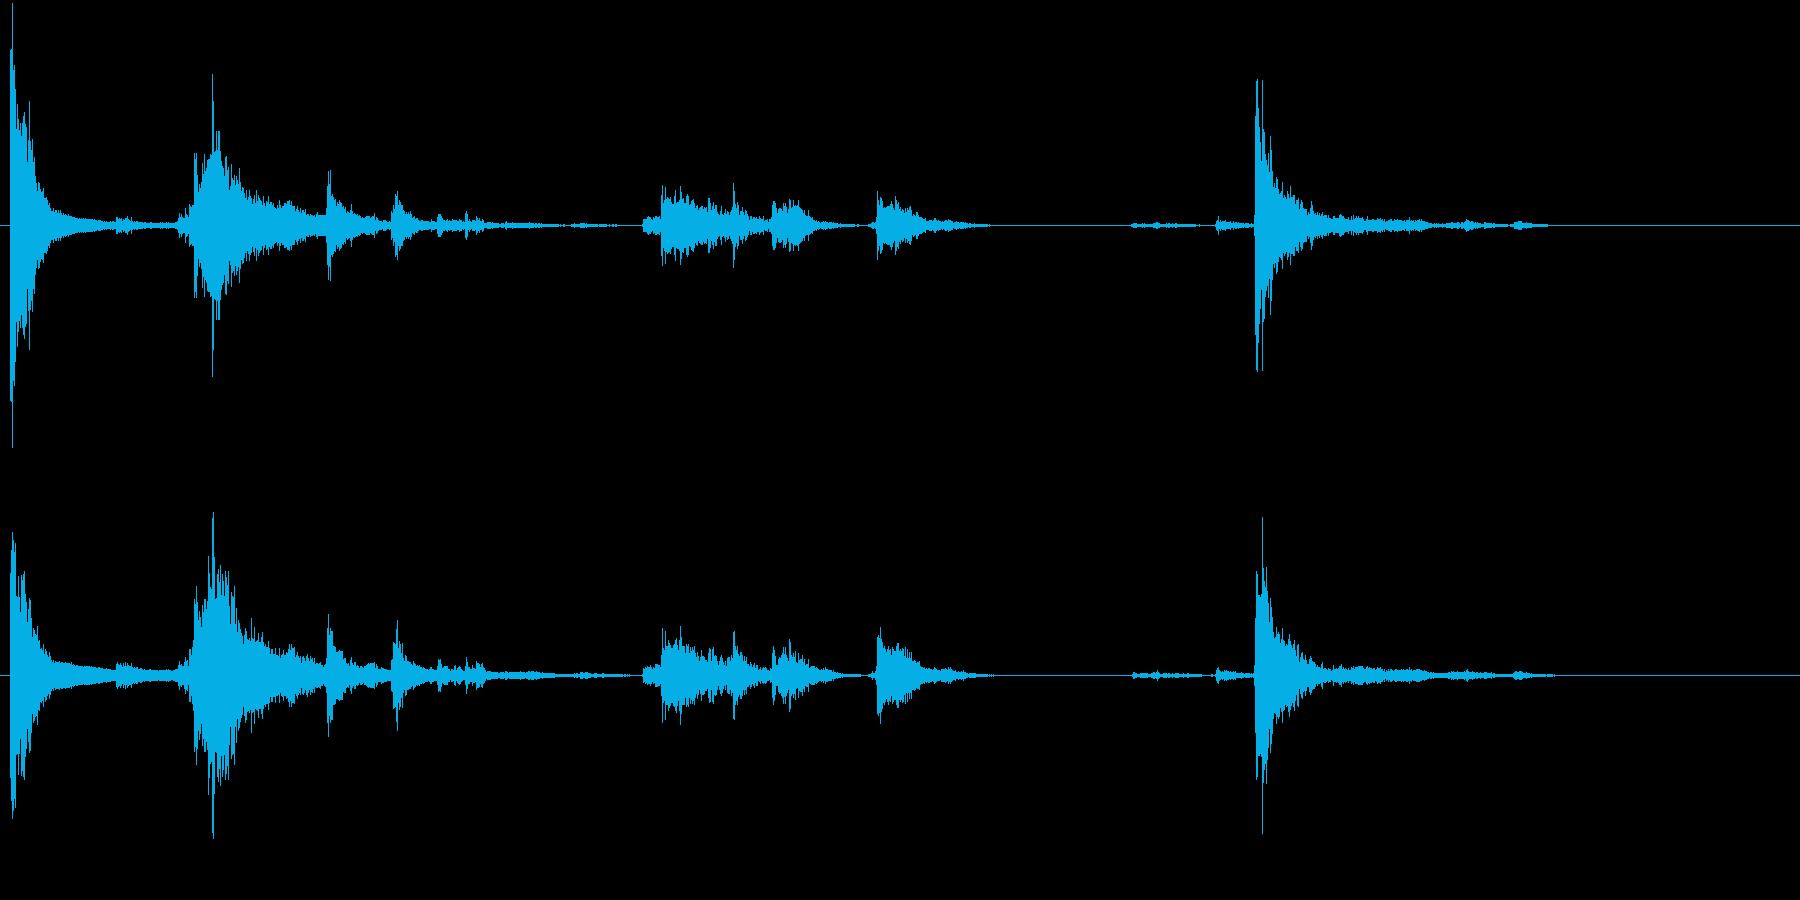 【生録音】お箸の音 33 まとめて片付けの再生済みの波形